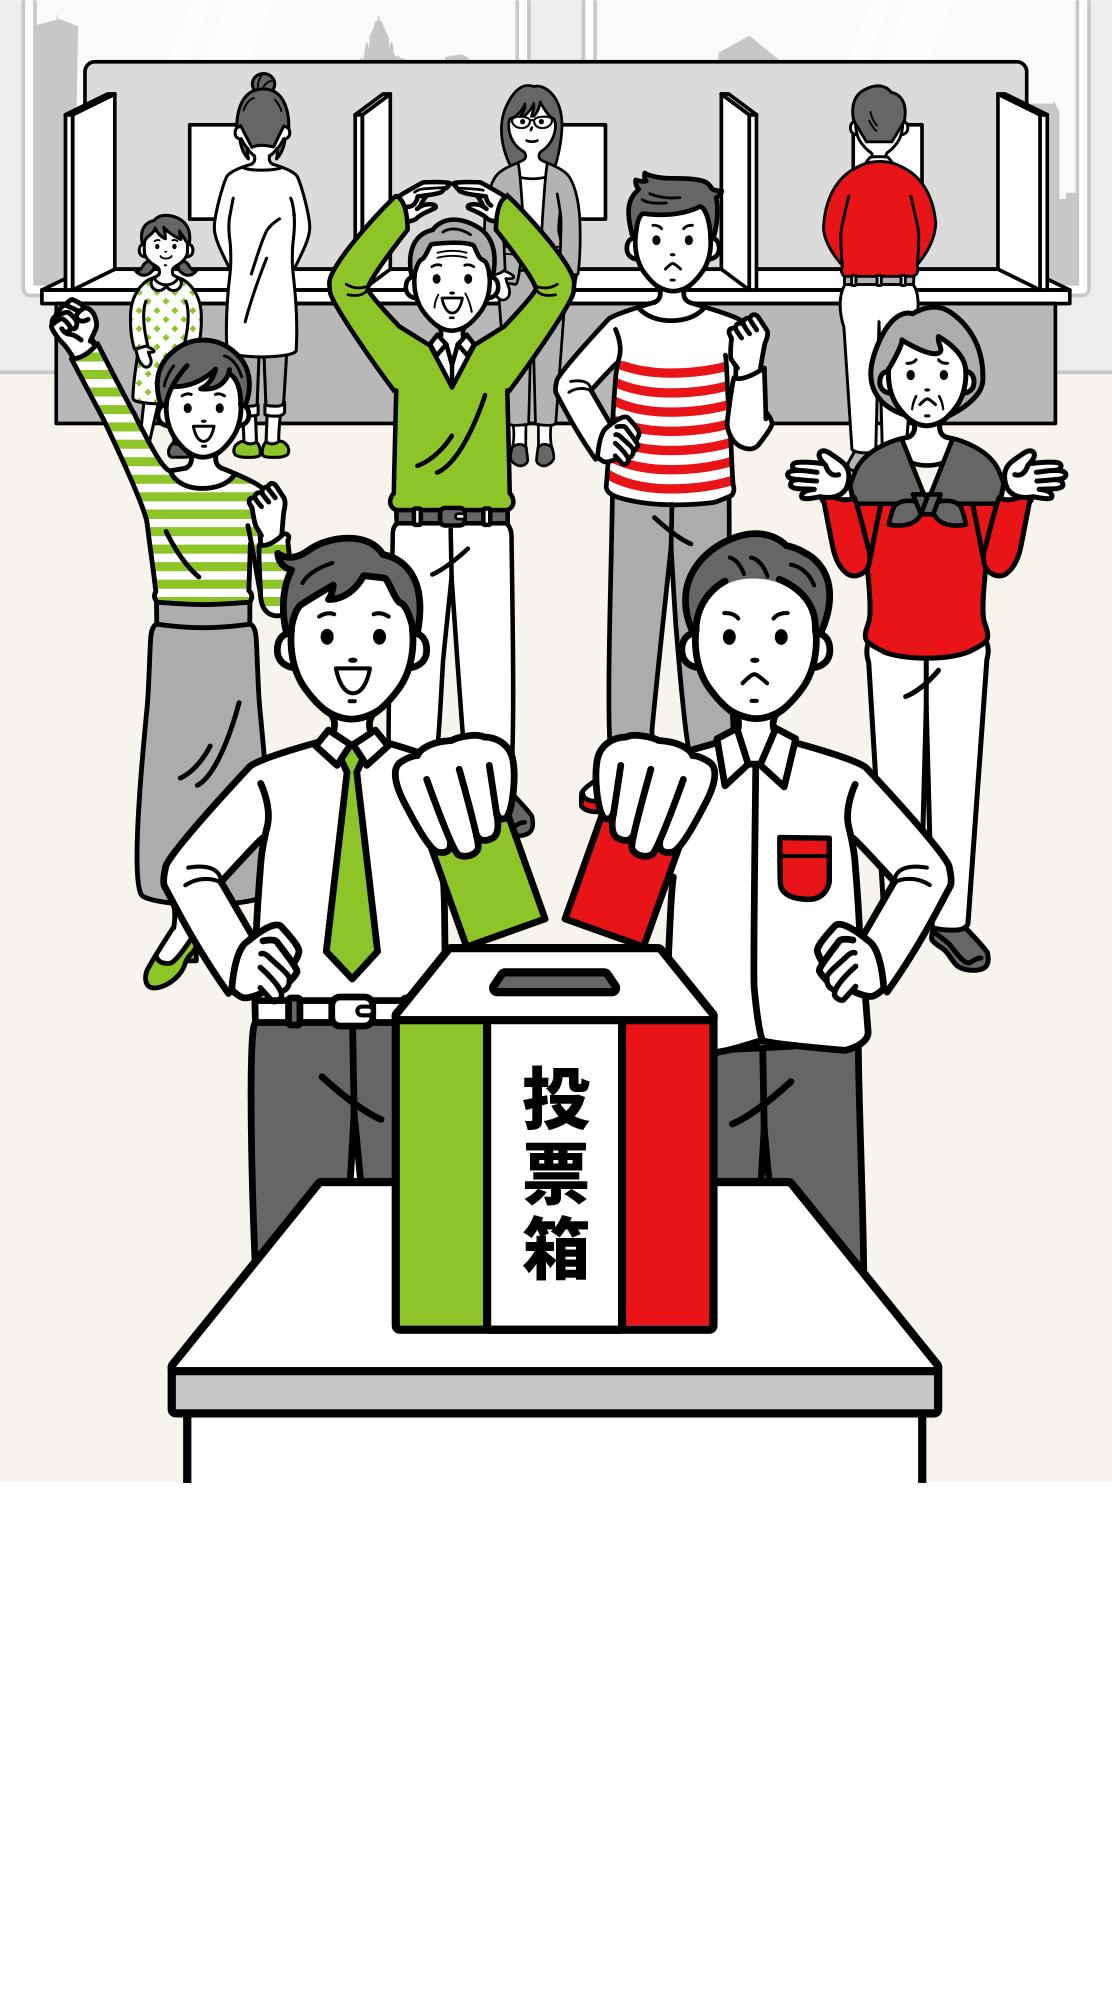 大阪都」1万7167票差で否決 データで見る住民投票:日本経済新聞